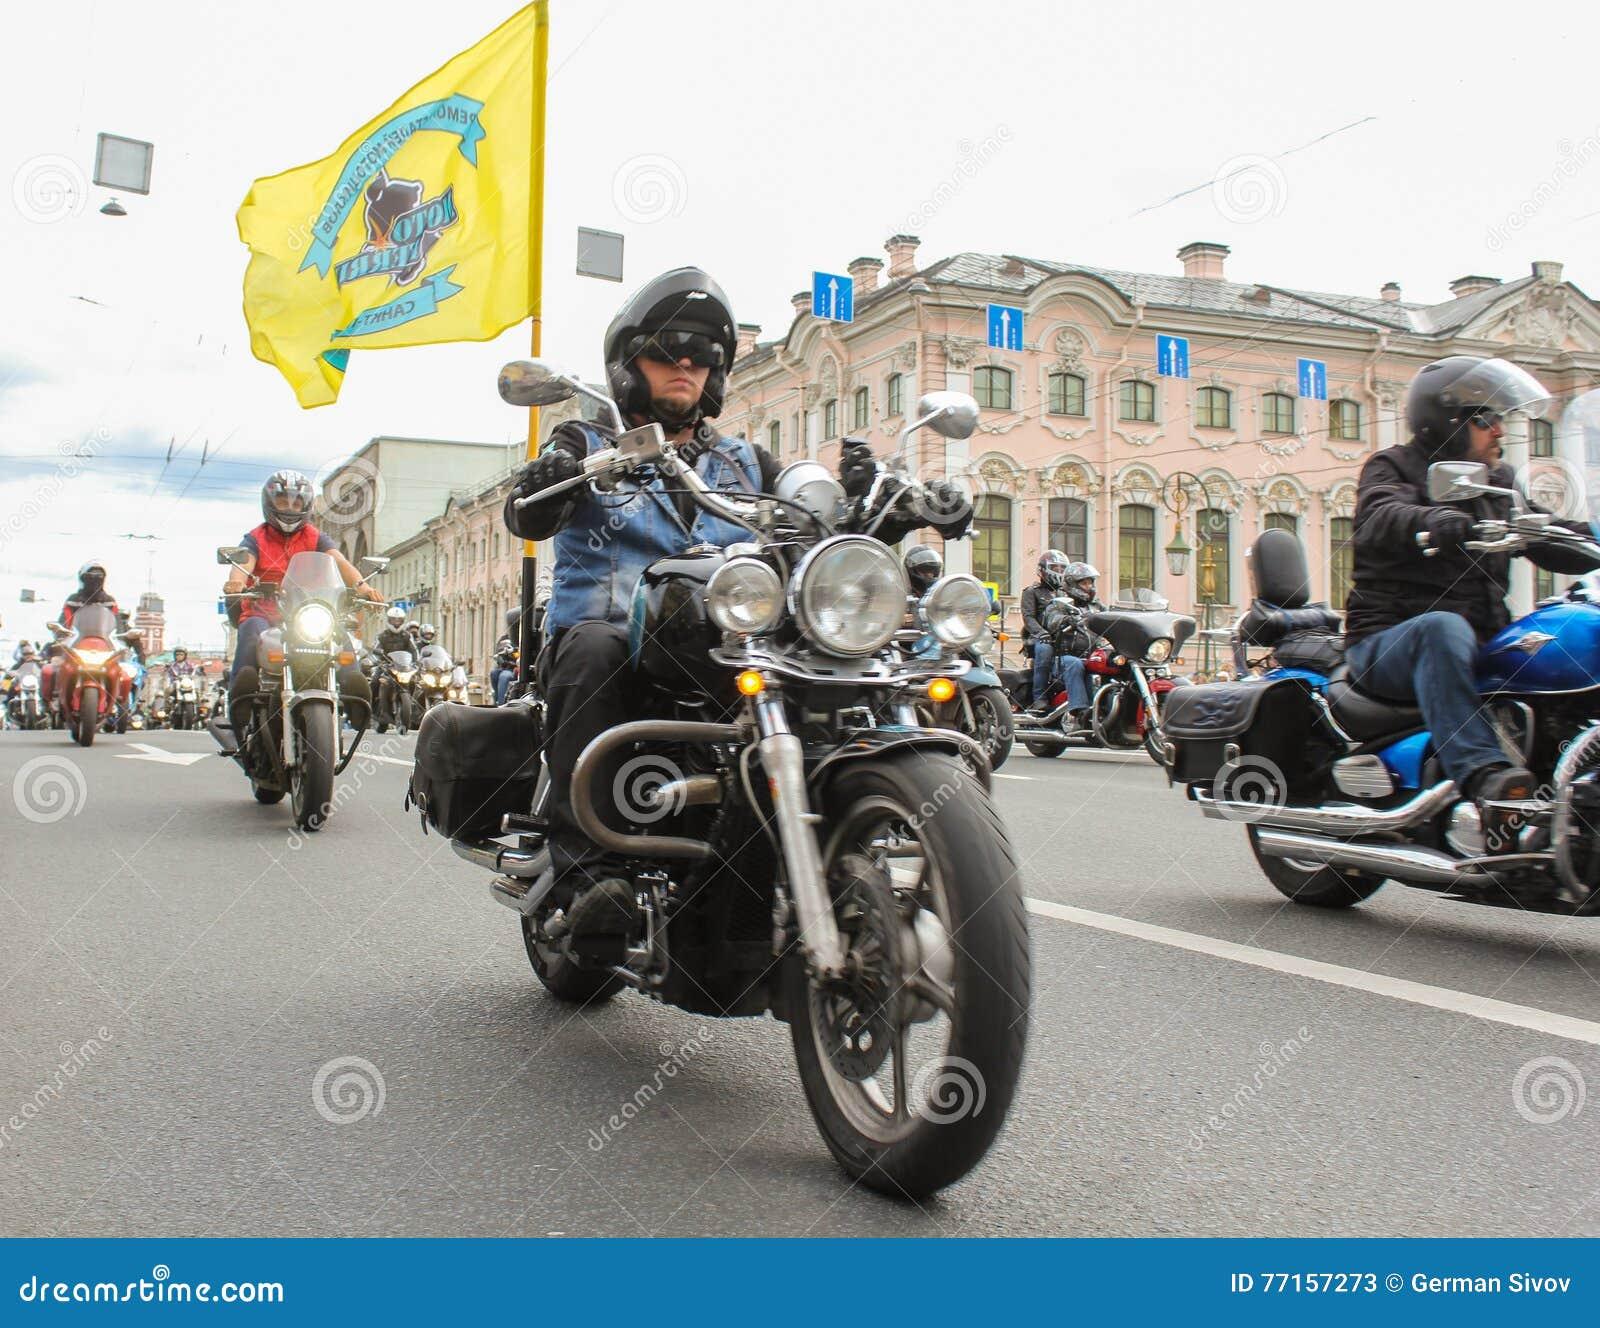 Cyclistes avec des drapeaux dans les rues